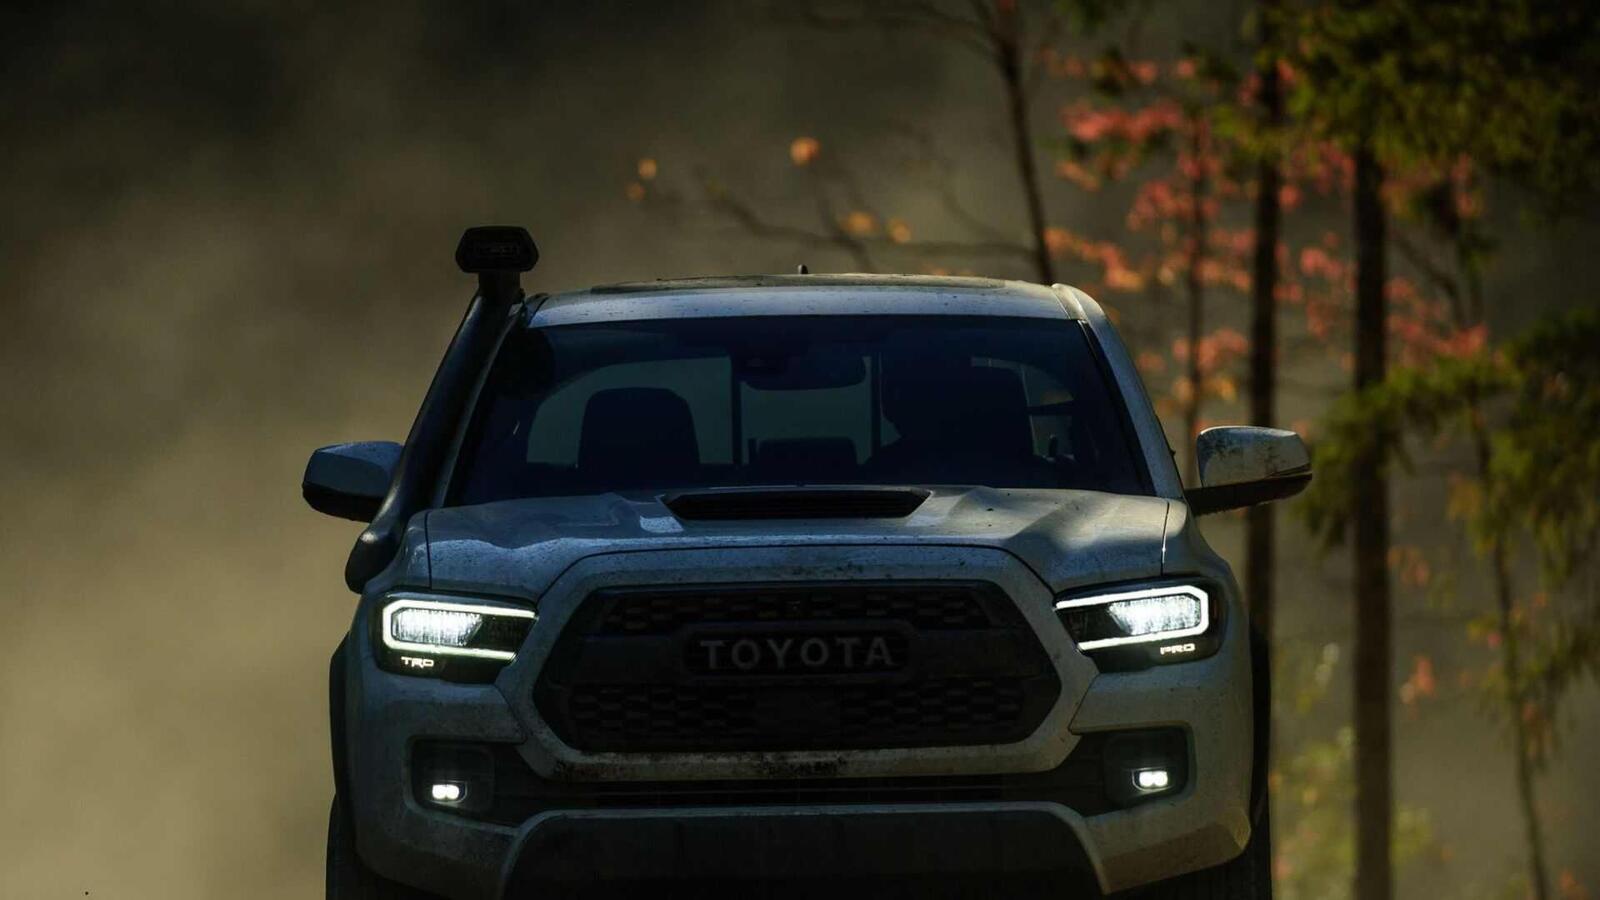 Xem trước bán tải Toyota Tacoma 2020 mới trước ngày ra mắt đối thủ đáng gờm của Ford Ranger - Hình 13